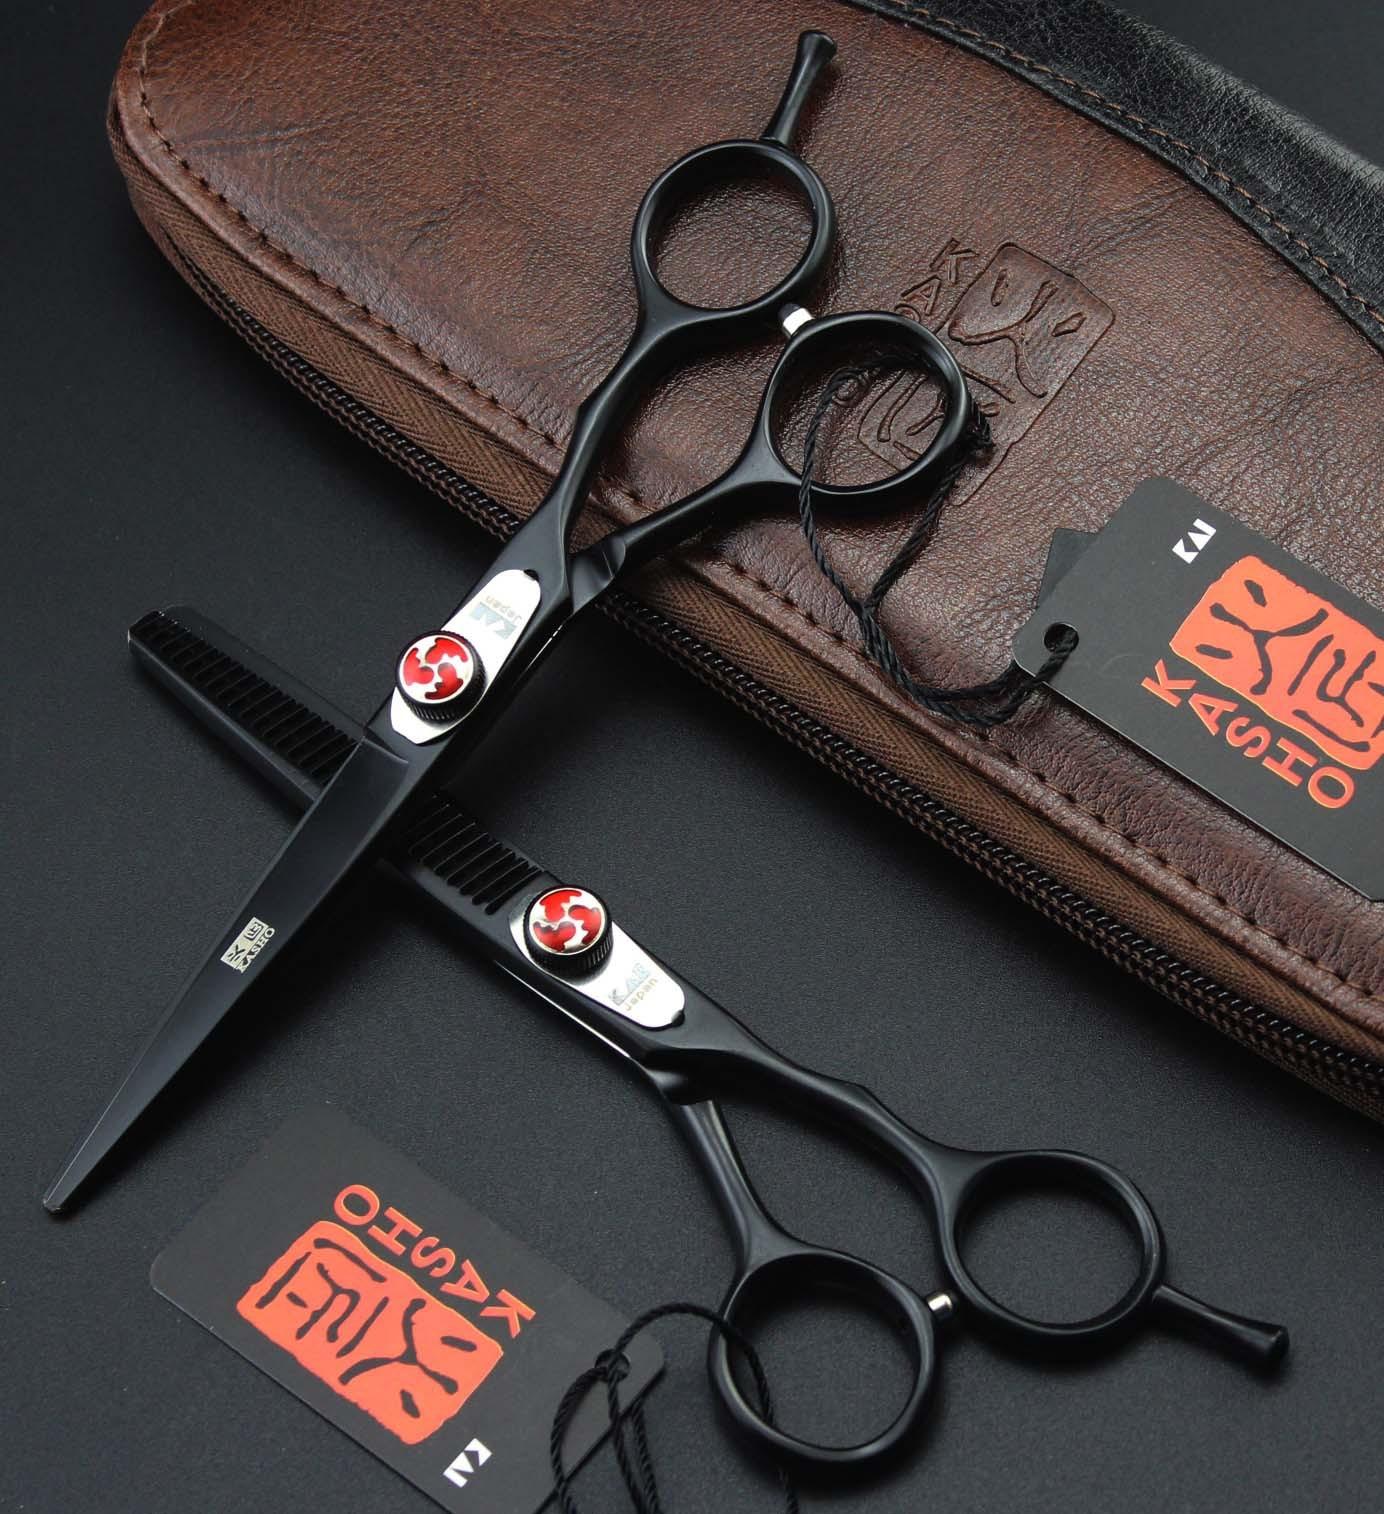 Kasho  6  Professional Hairdressing Scissors Barber<br>